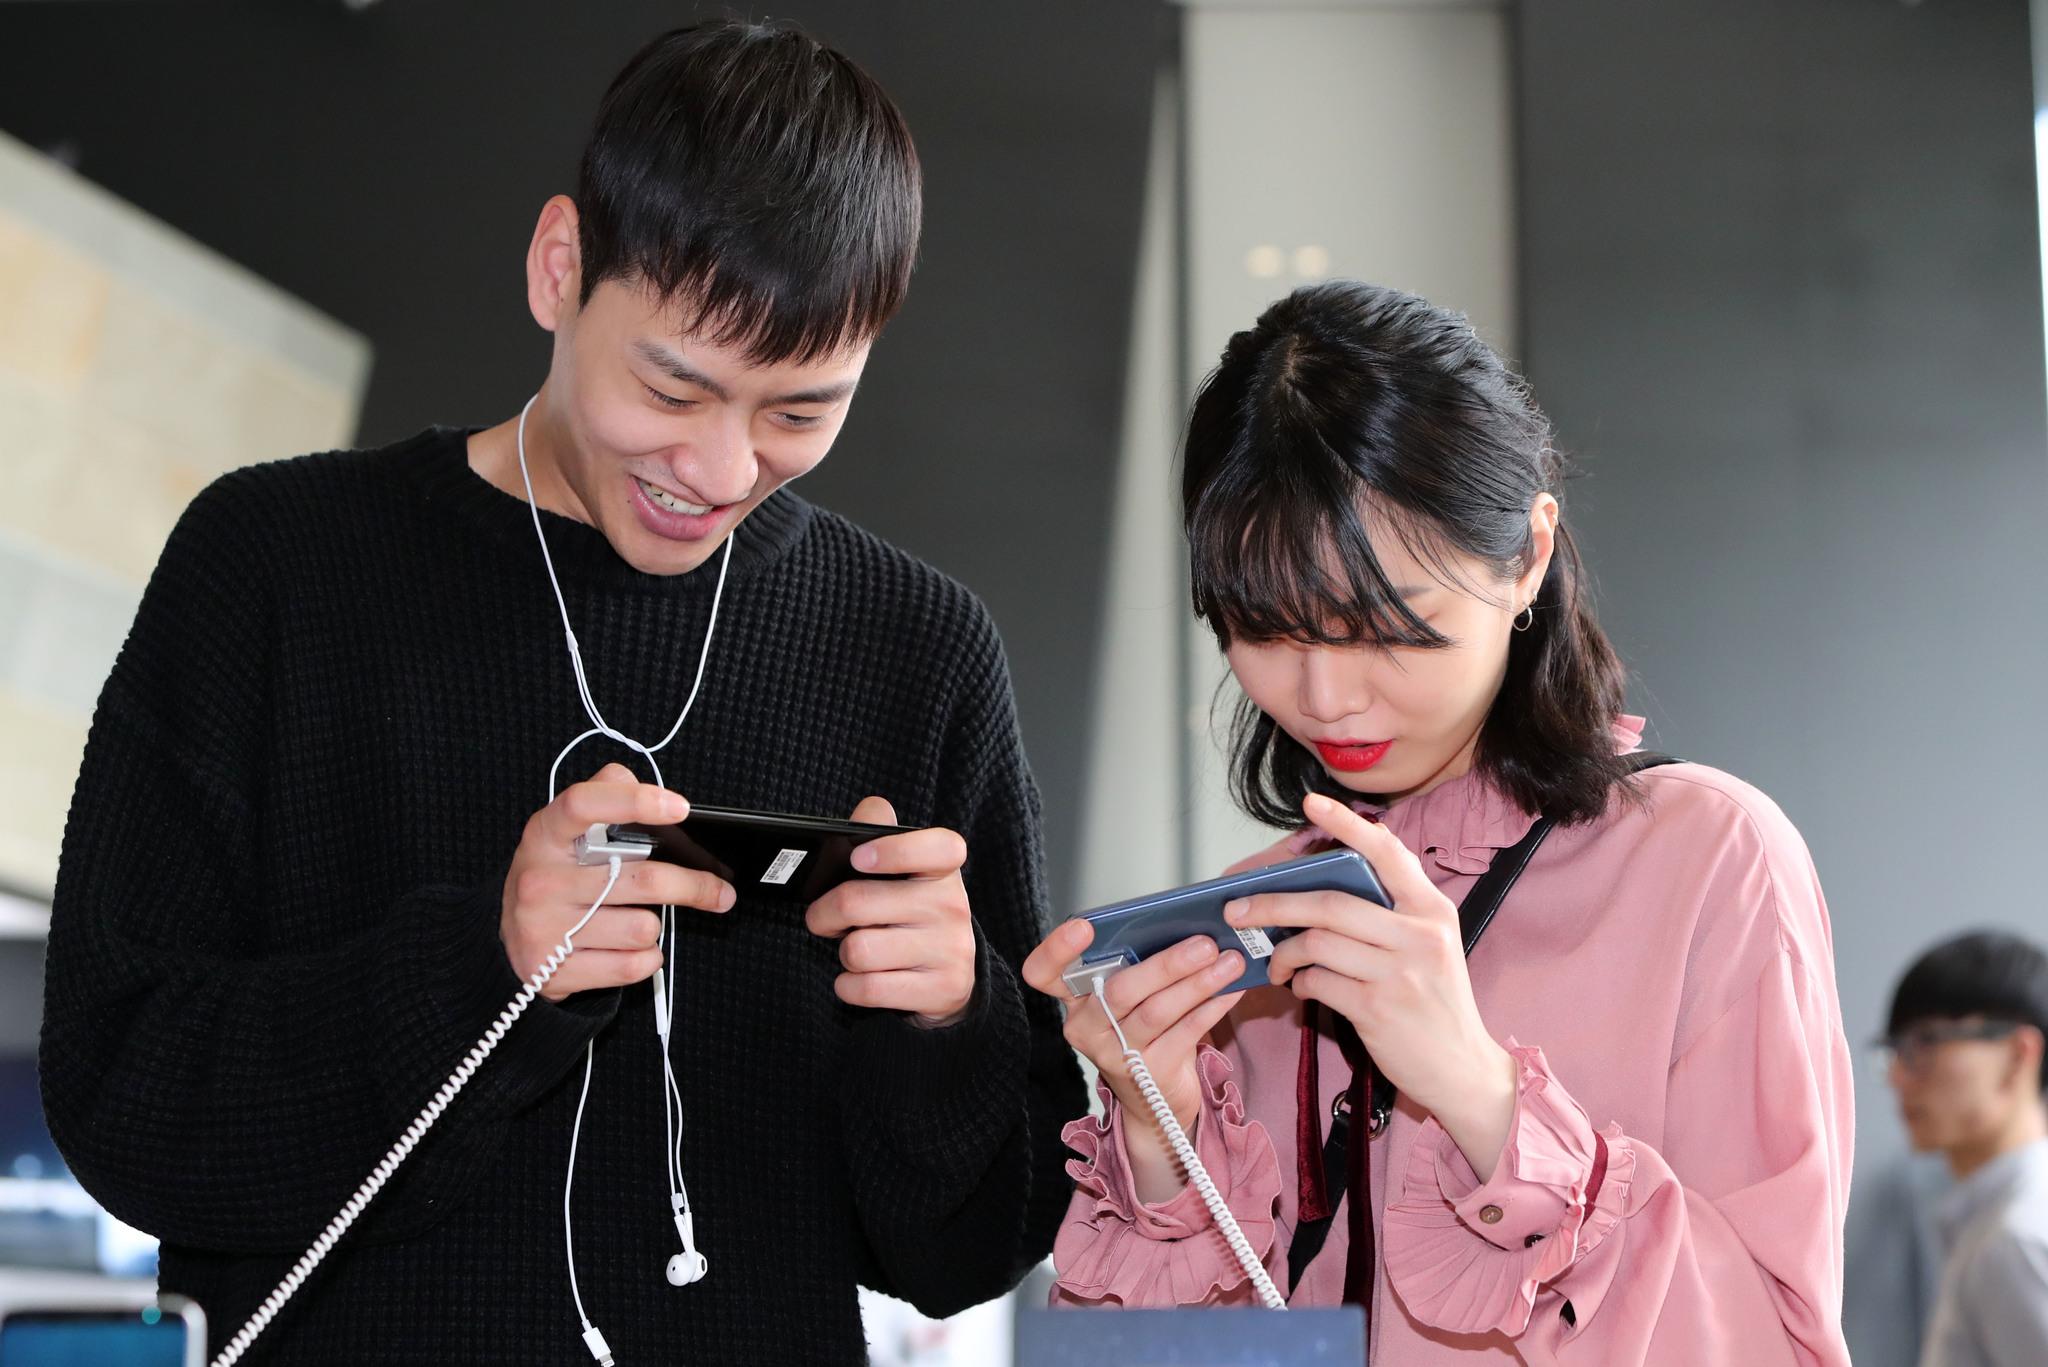 21일 오후 서울 종로구 광화문 Kt 스퀘어에서 고객들이 '갤럭시S8'을 조작해보고 있다.조문규 기자